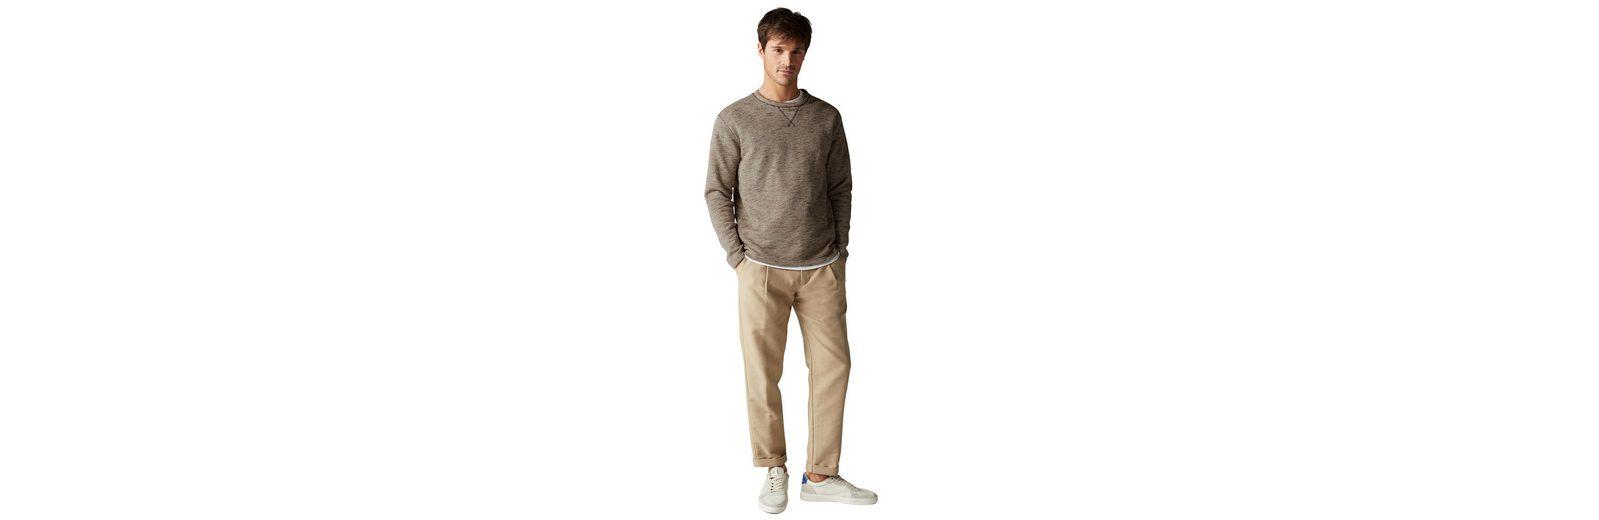 Marc O'Polo Sweatshirt Billig Verkauf Neueste Günstig Kaufen Günstigsten Preis 4UnQXQXAO